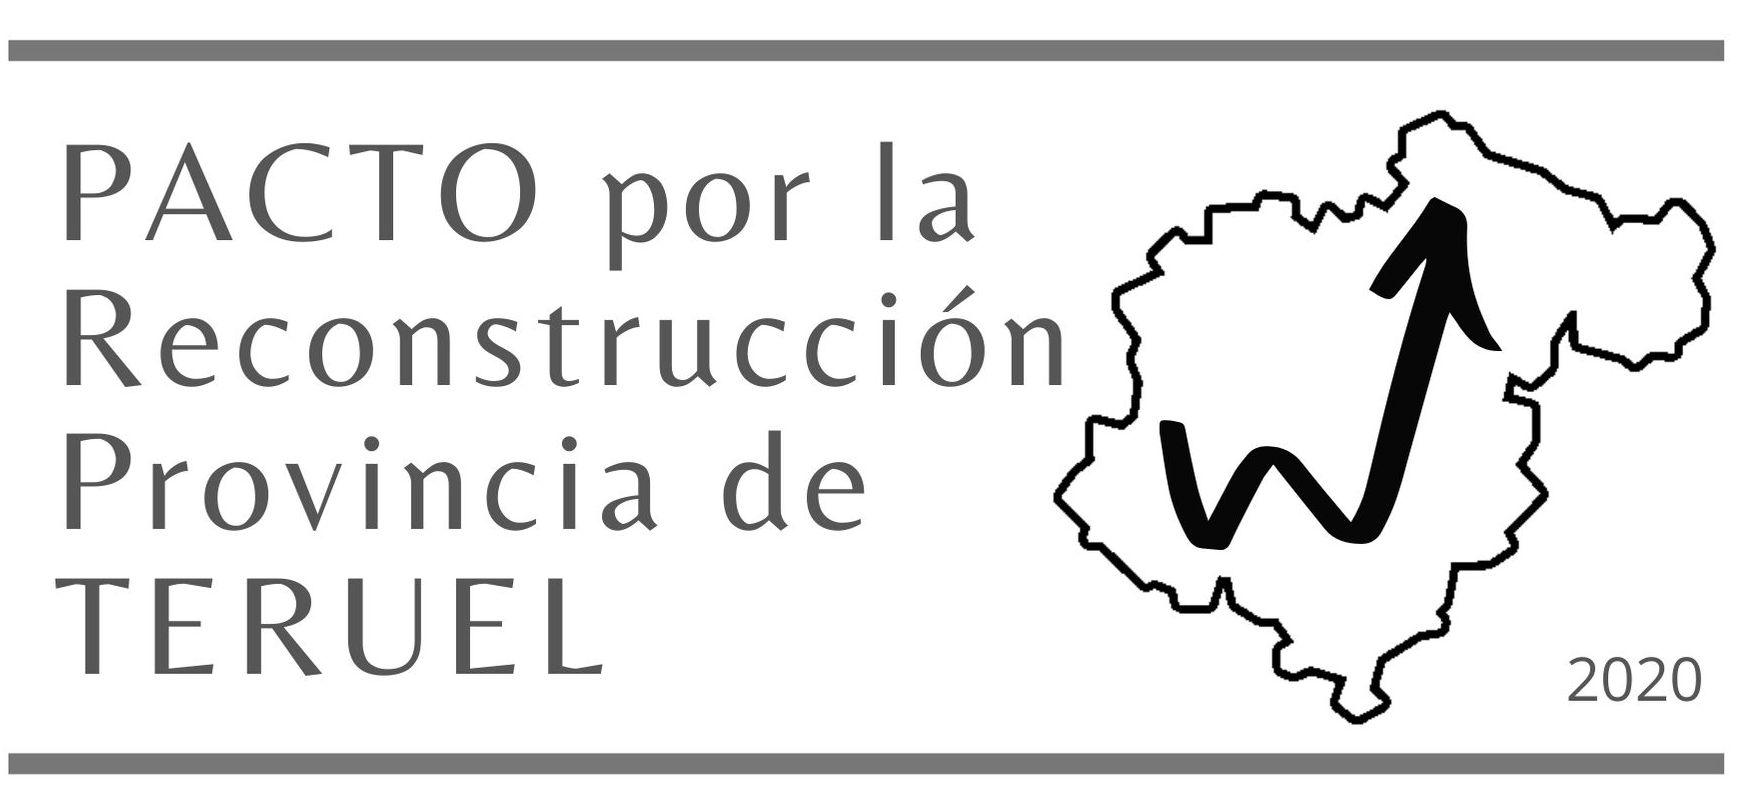 Más de cuarenta entidades se inscriben para crear el Pacto por la reconstrucción de la provincia de Teruel